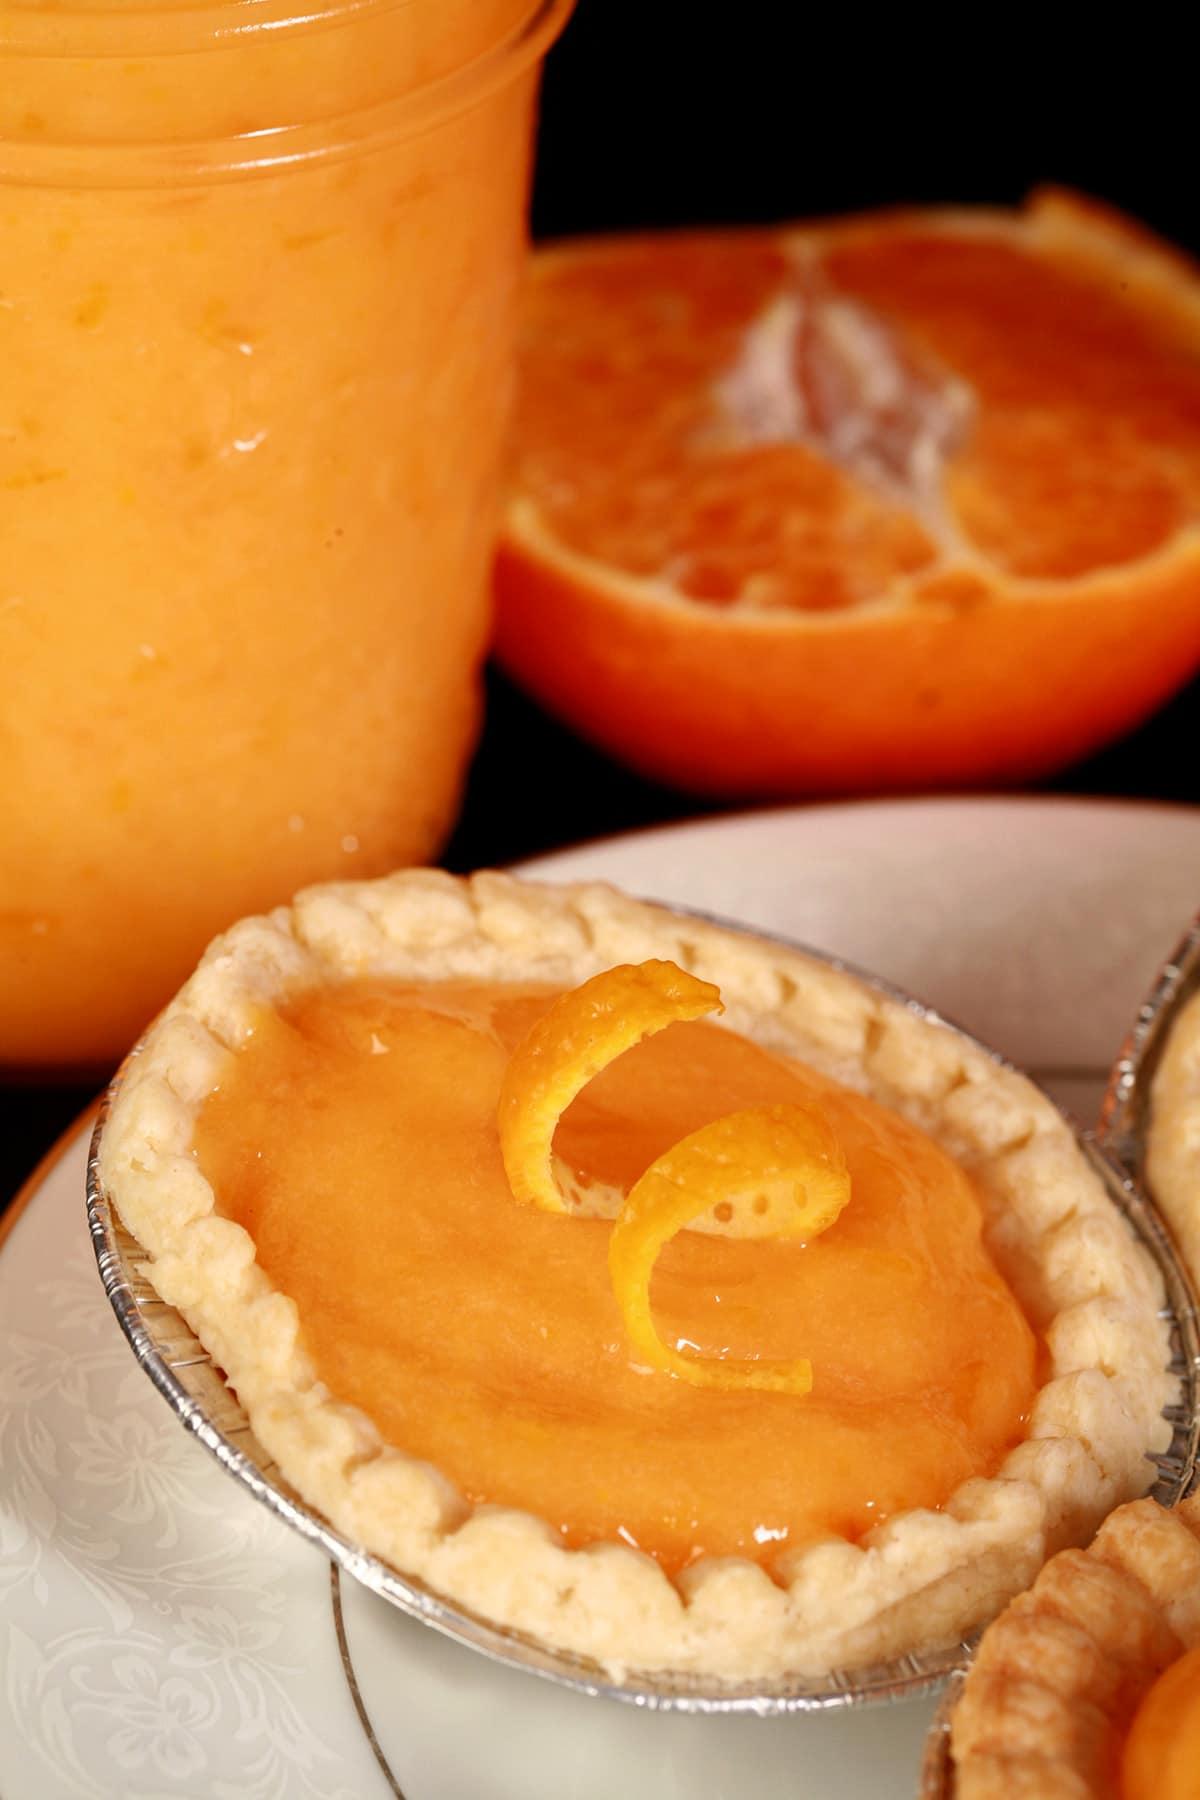 An orange tart on a plate.